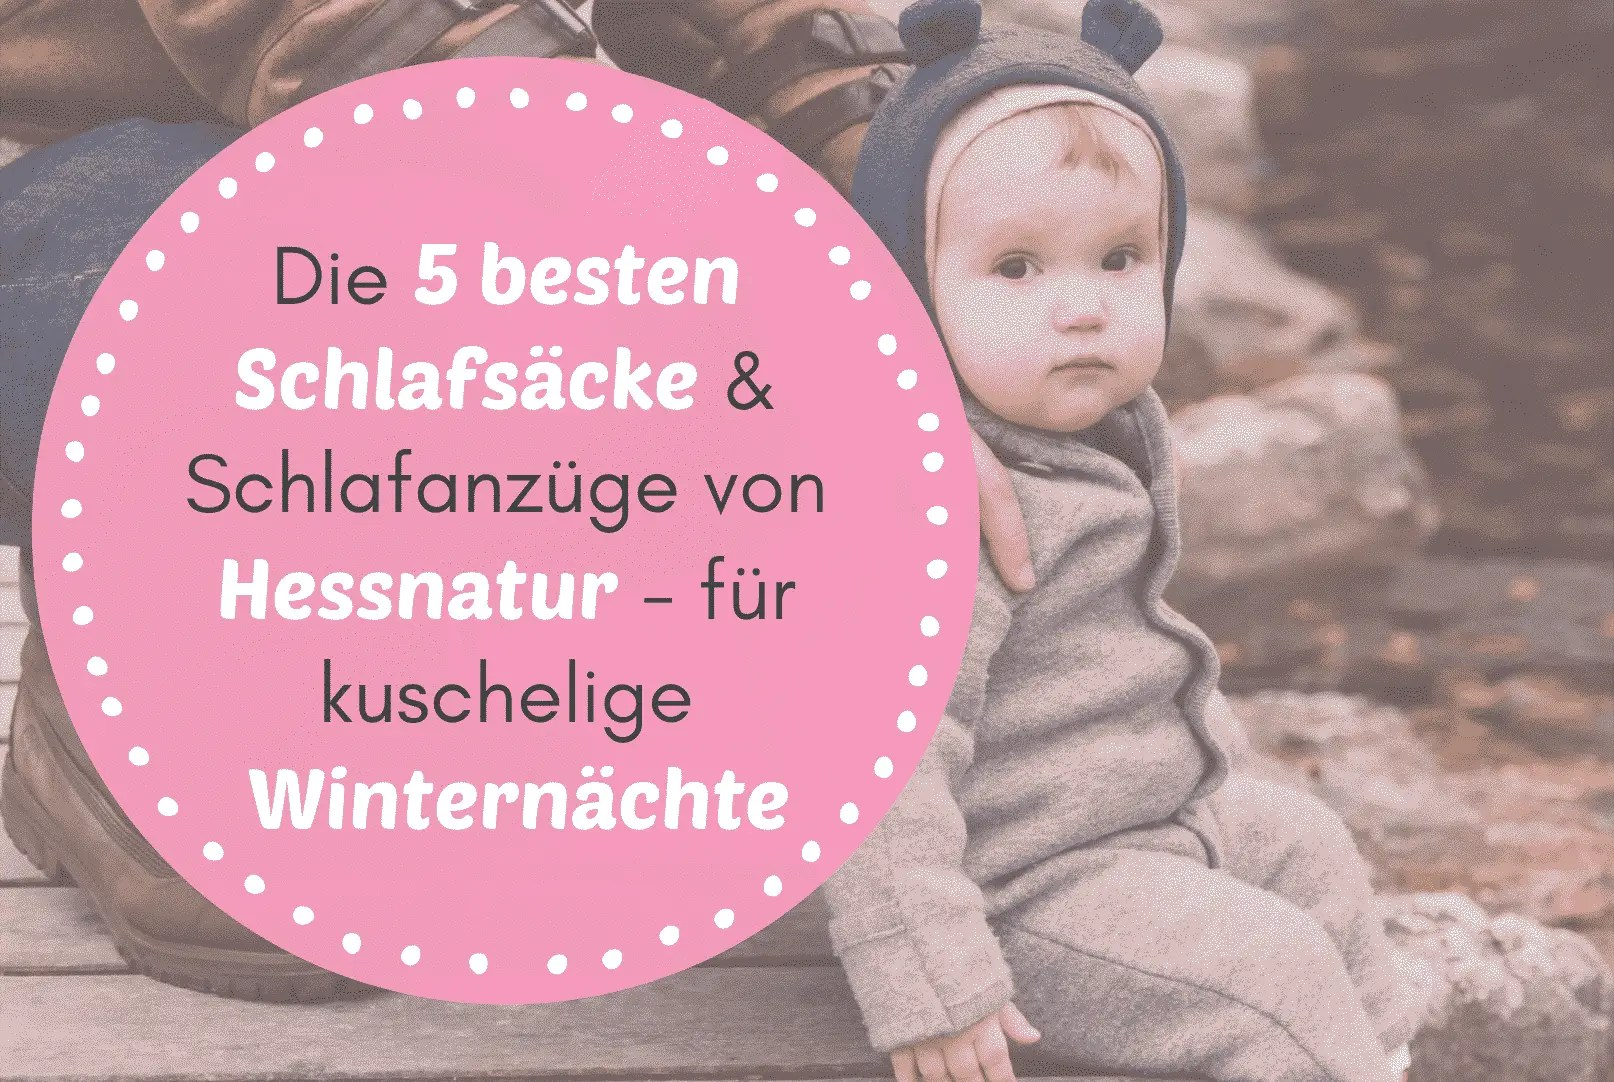 Die-4-besten-Schlafsaecke-und-Schlafanzuege-von-Hessnatur-fuer-kuschelige-Winternaechte-fuer-dein-Kind-1